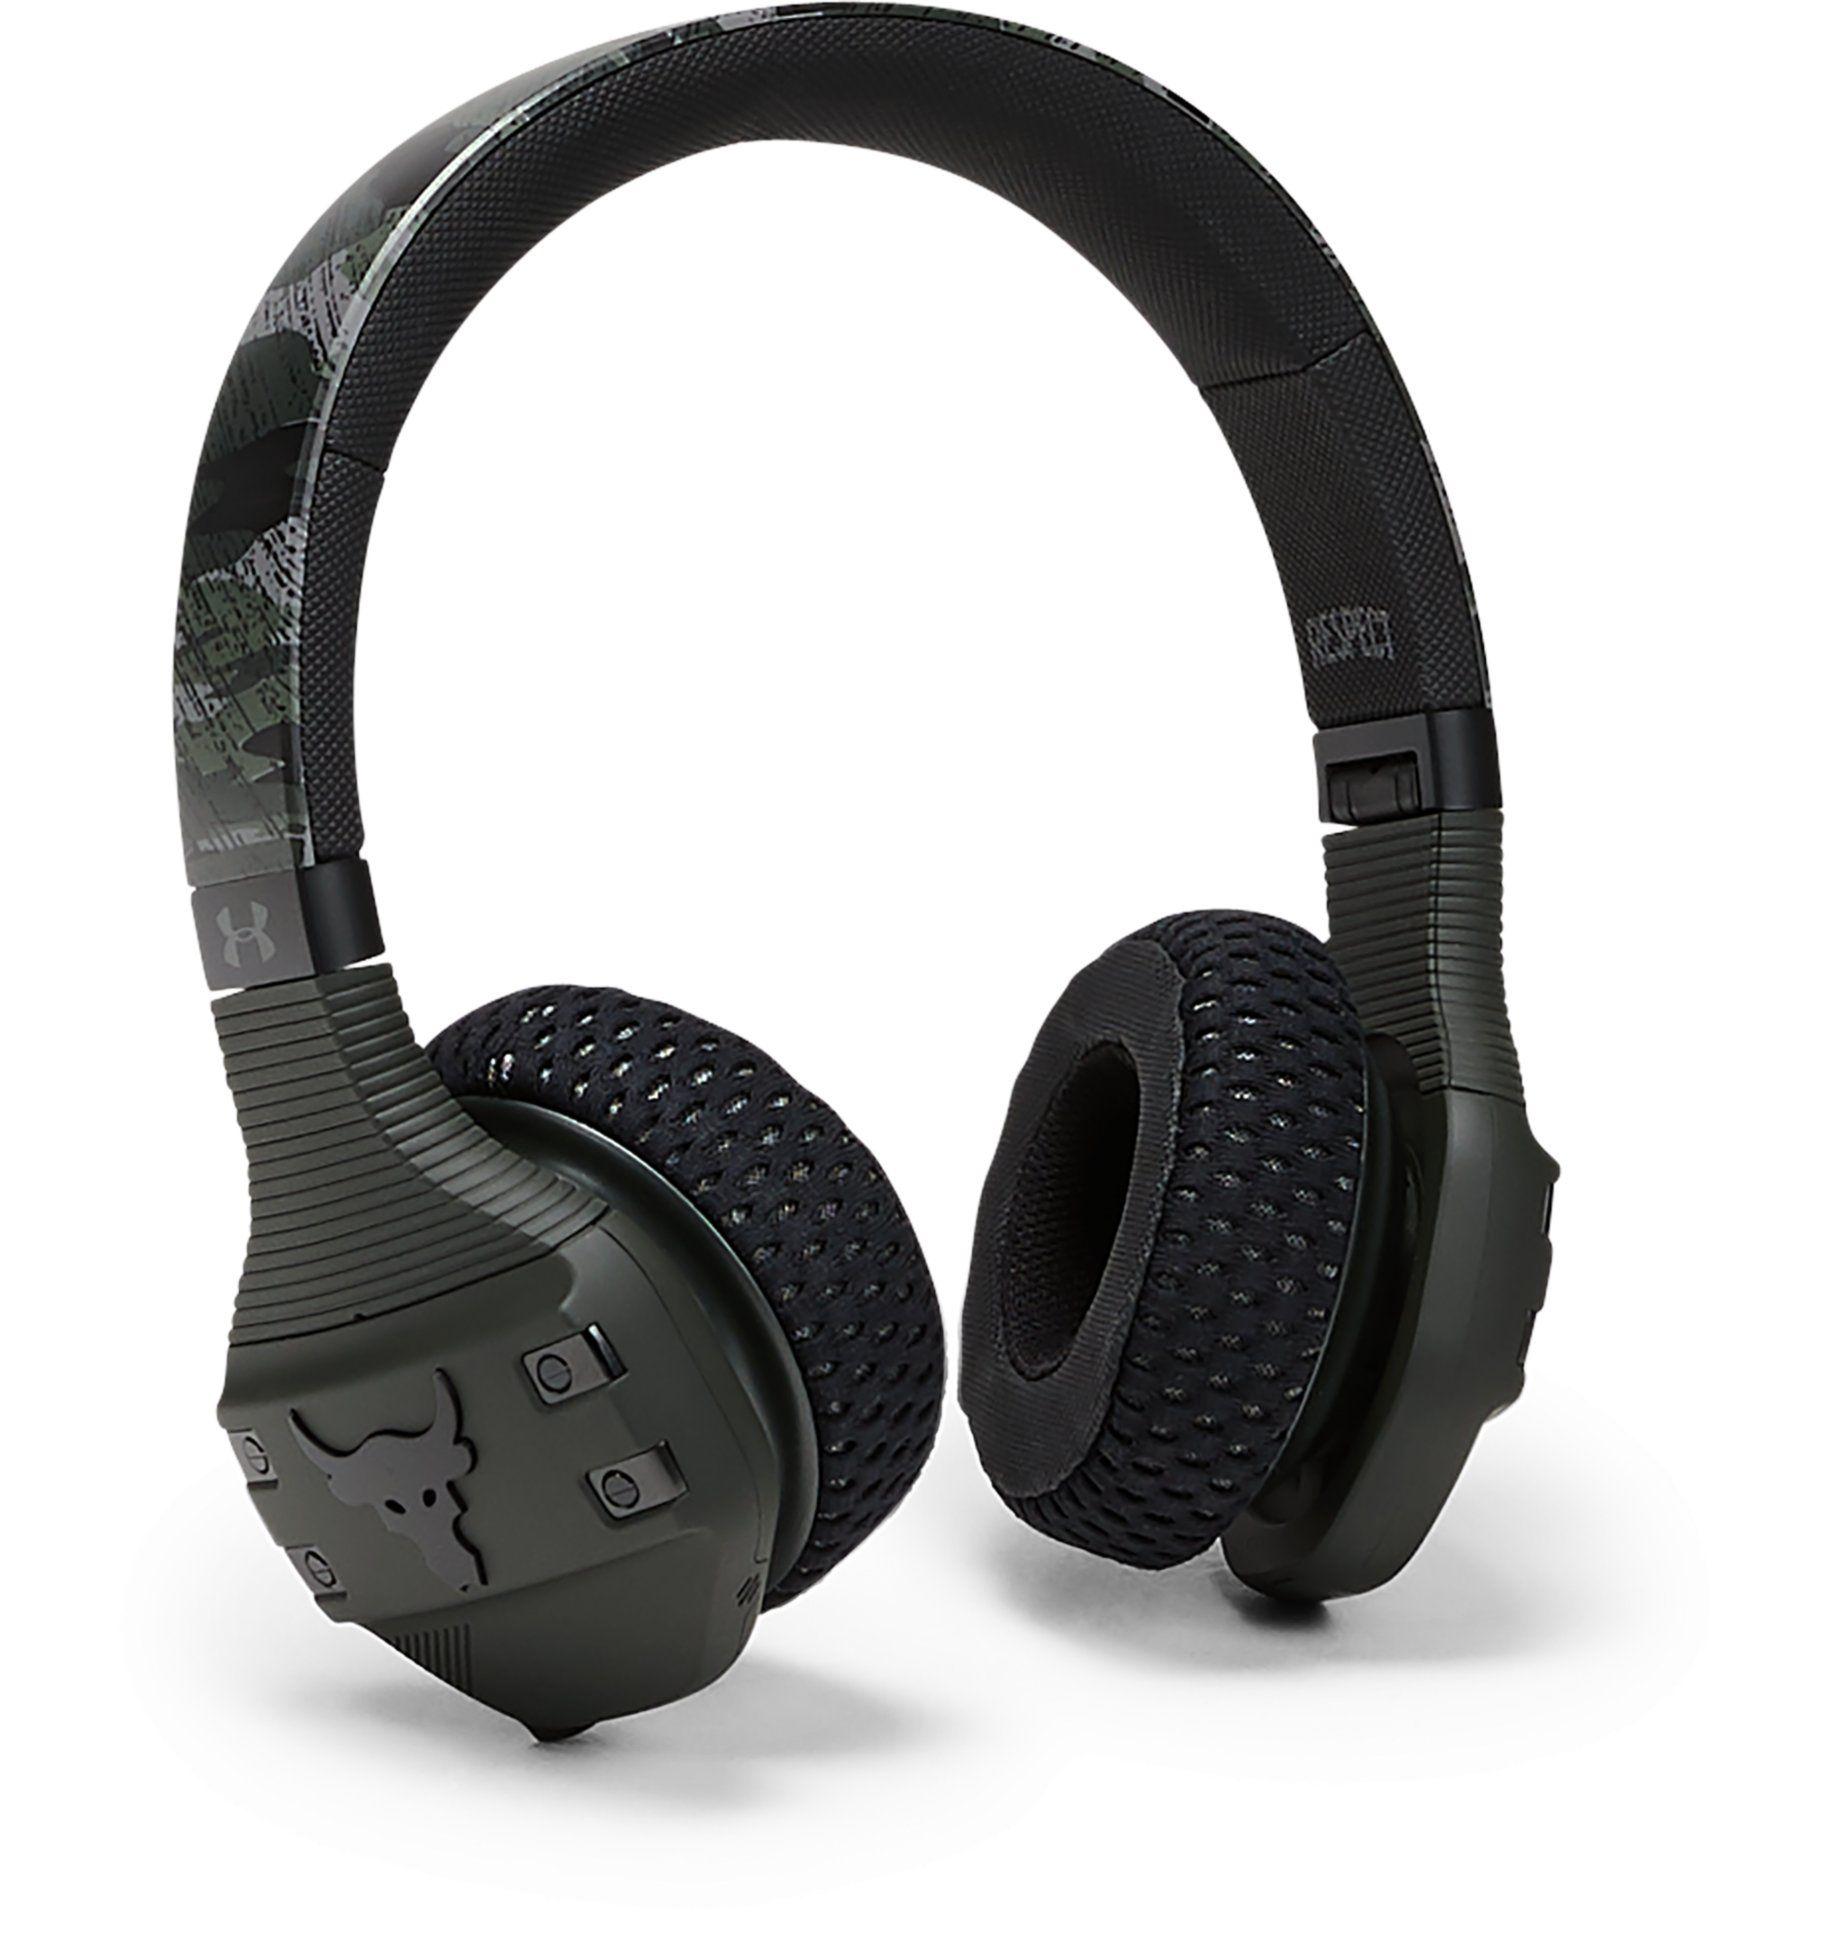 sklep internetowy nowe promocje nowy styl Słuchawki bezprzewodowe Under Armour Project Rock